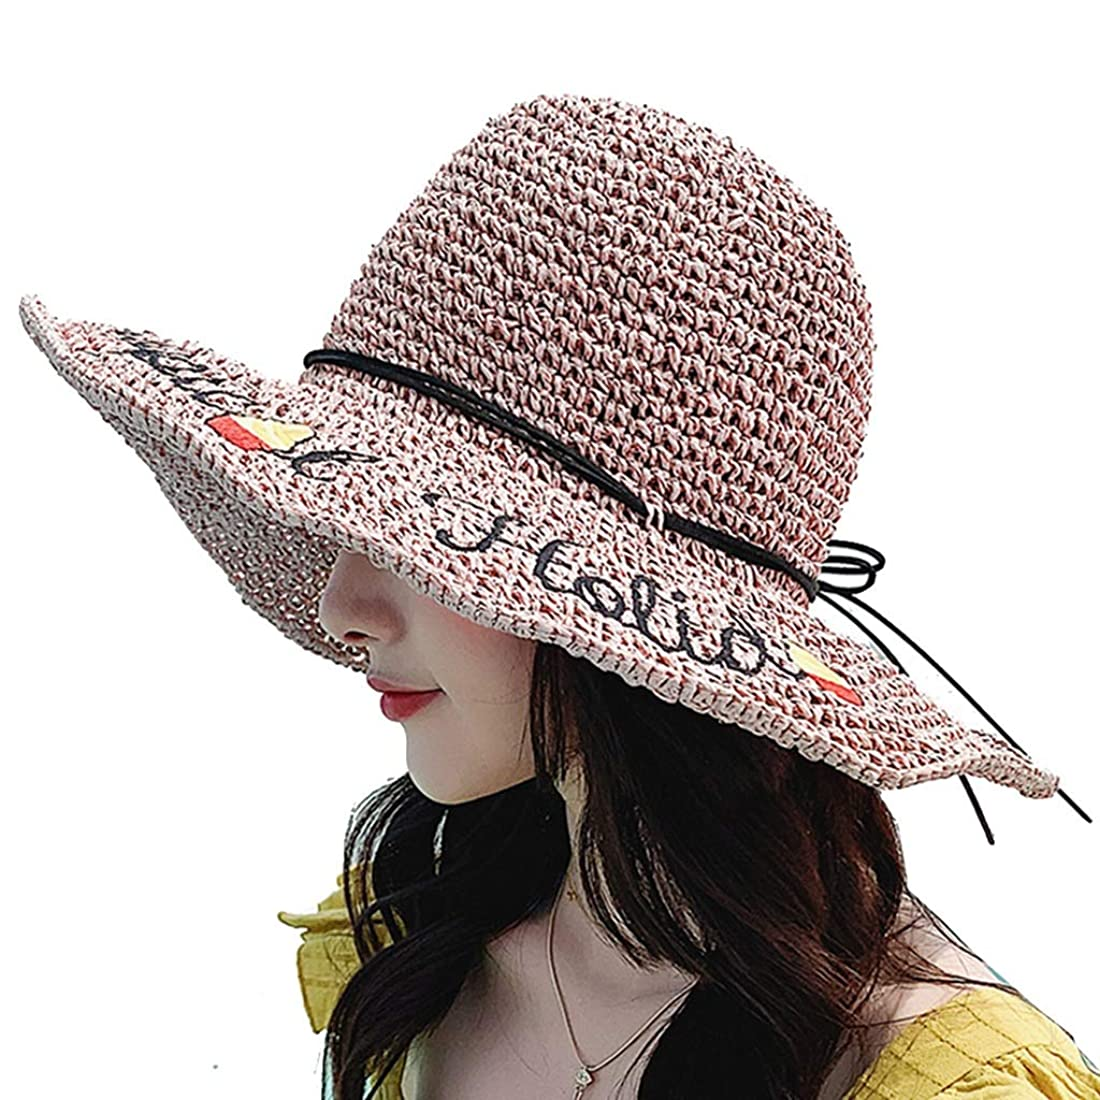 聴覚シュガーうまUVカット帽子 太陽の帽子セルロース繊維手織り刺繍文字装飾女性太陽の帽子ビーチサンシェード折りたたみ式調節可能なUV春夏の太陽の帽子 UVカット帽子 (Color : Pink, Size : Head 54-58cm)